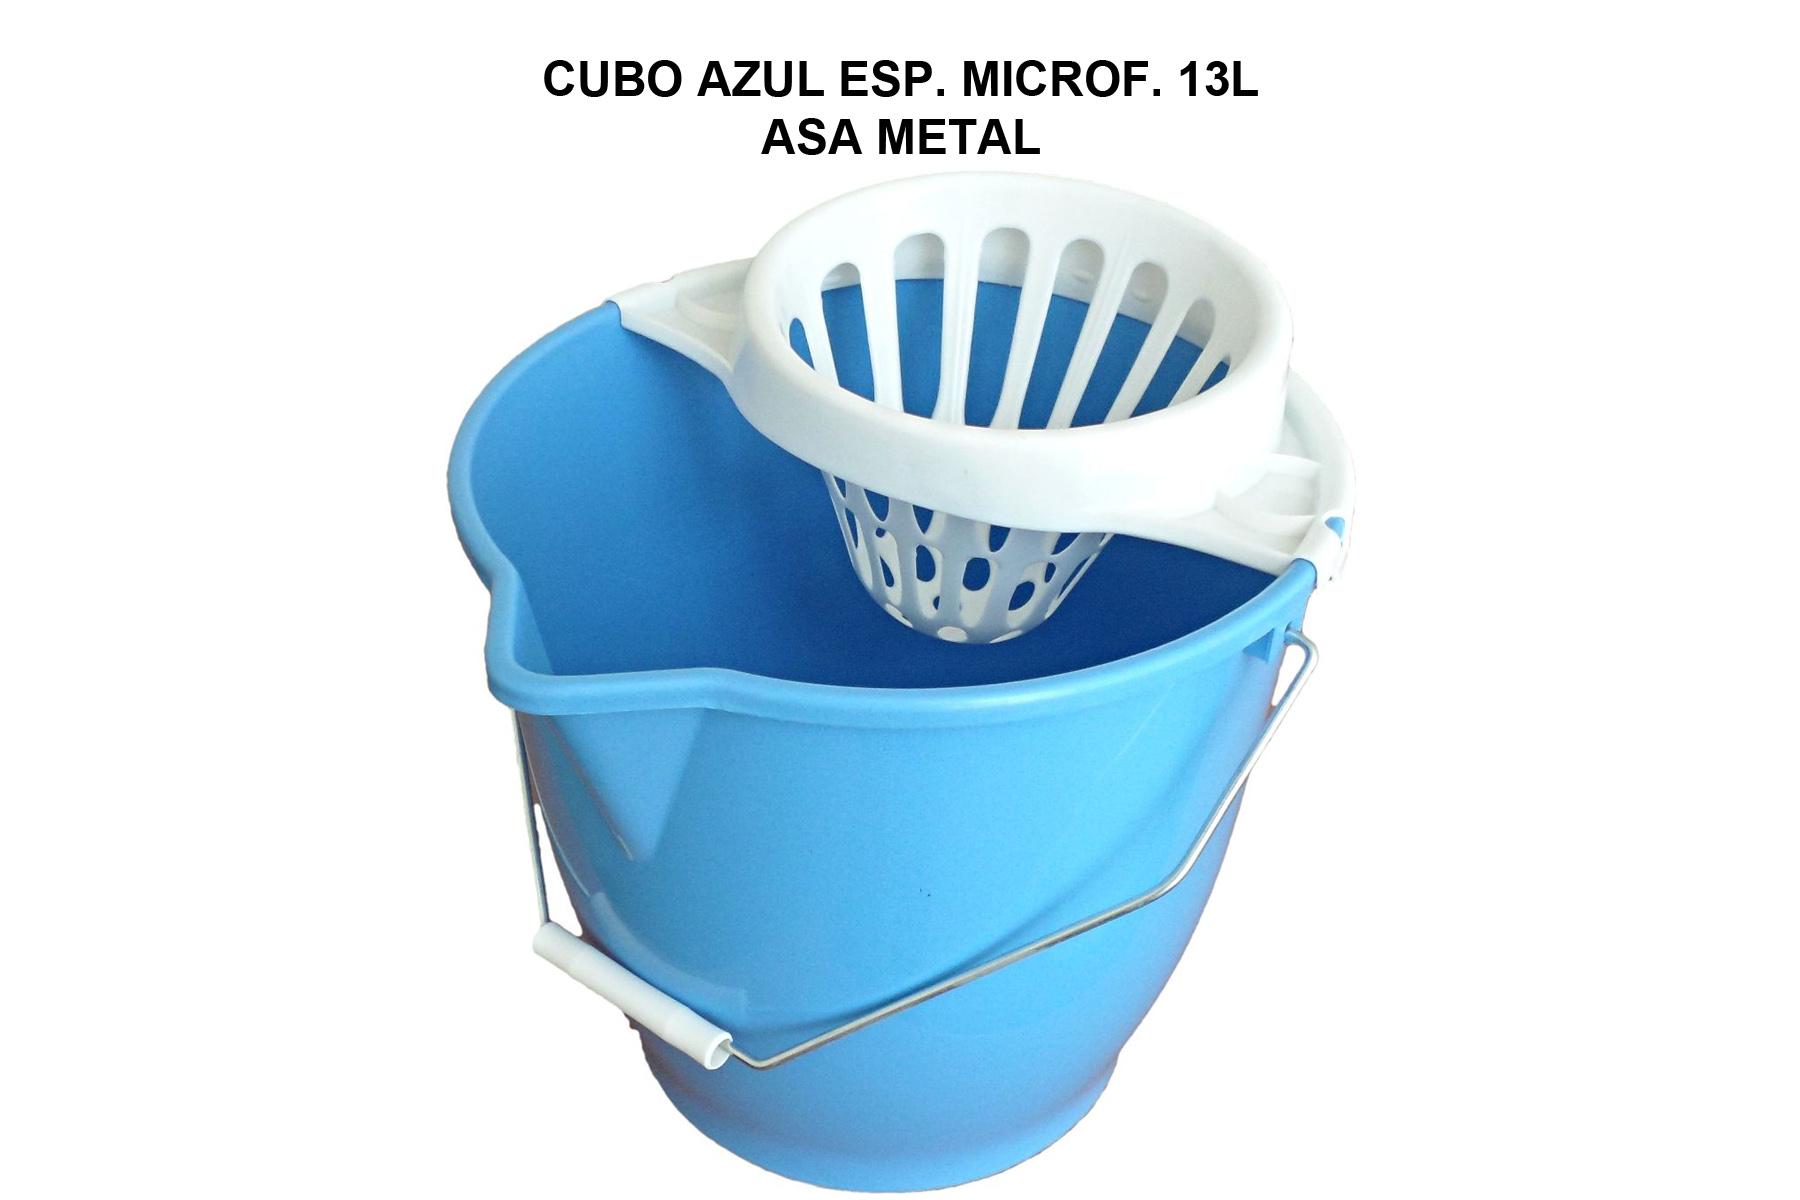 CUBO 13L ESP. MICROFIBRA AZUL ASA METAL C/ESC